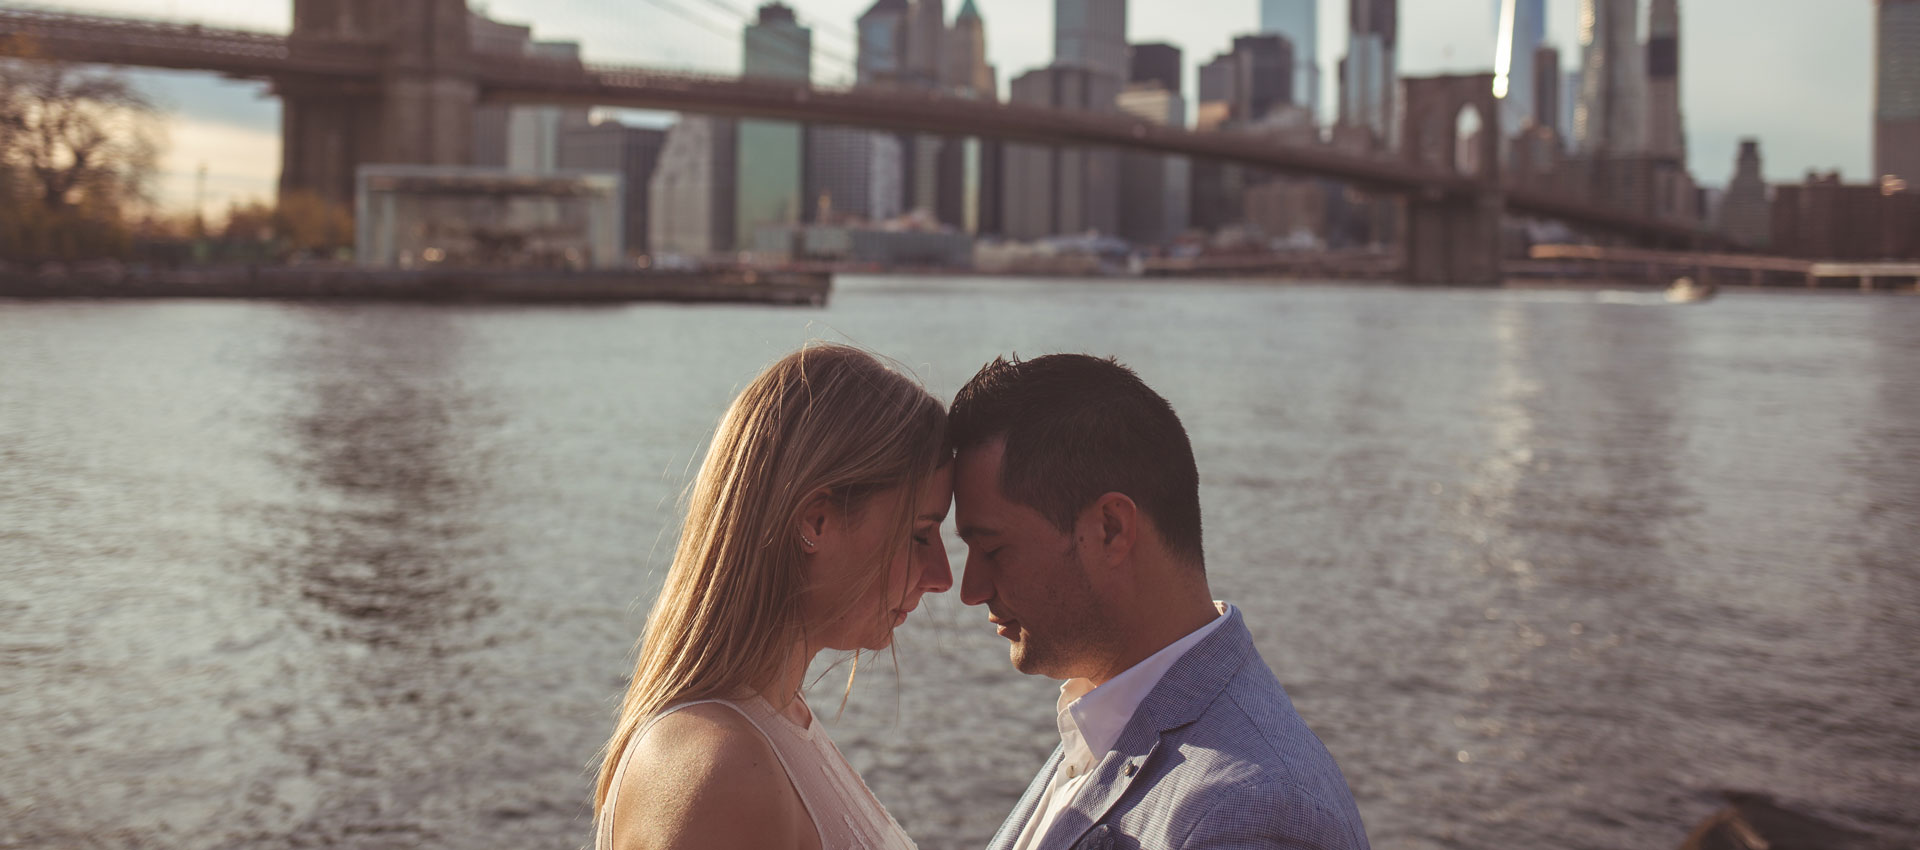 POSTBODA-ALBA-Y-JOSE-NY-98-de-160 Inicio - video boda cadiz